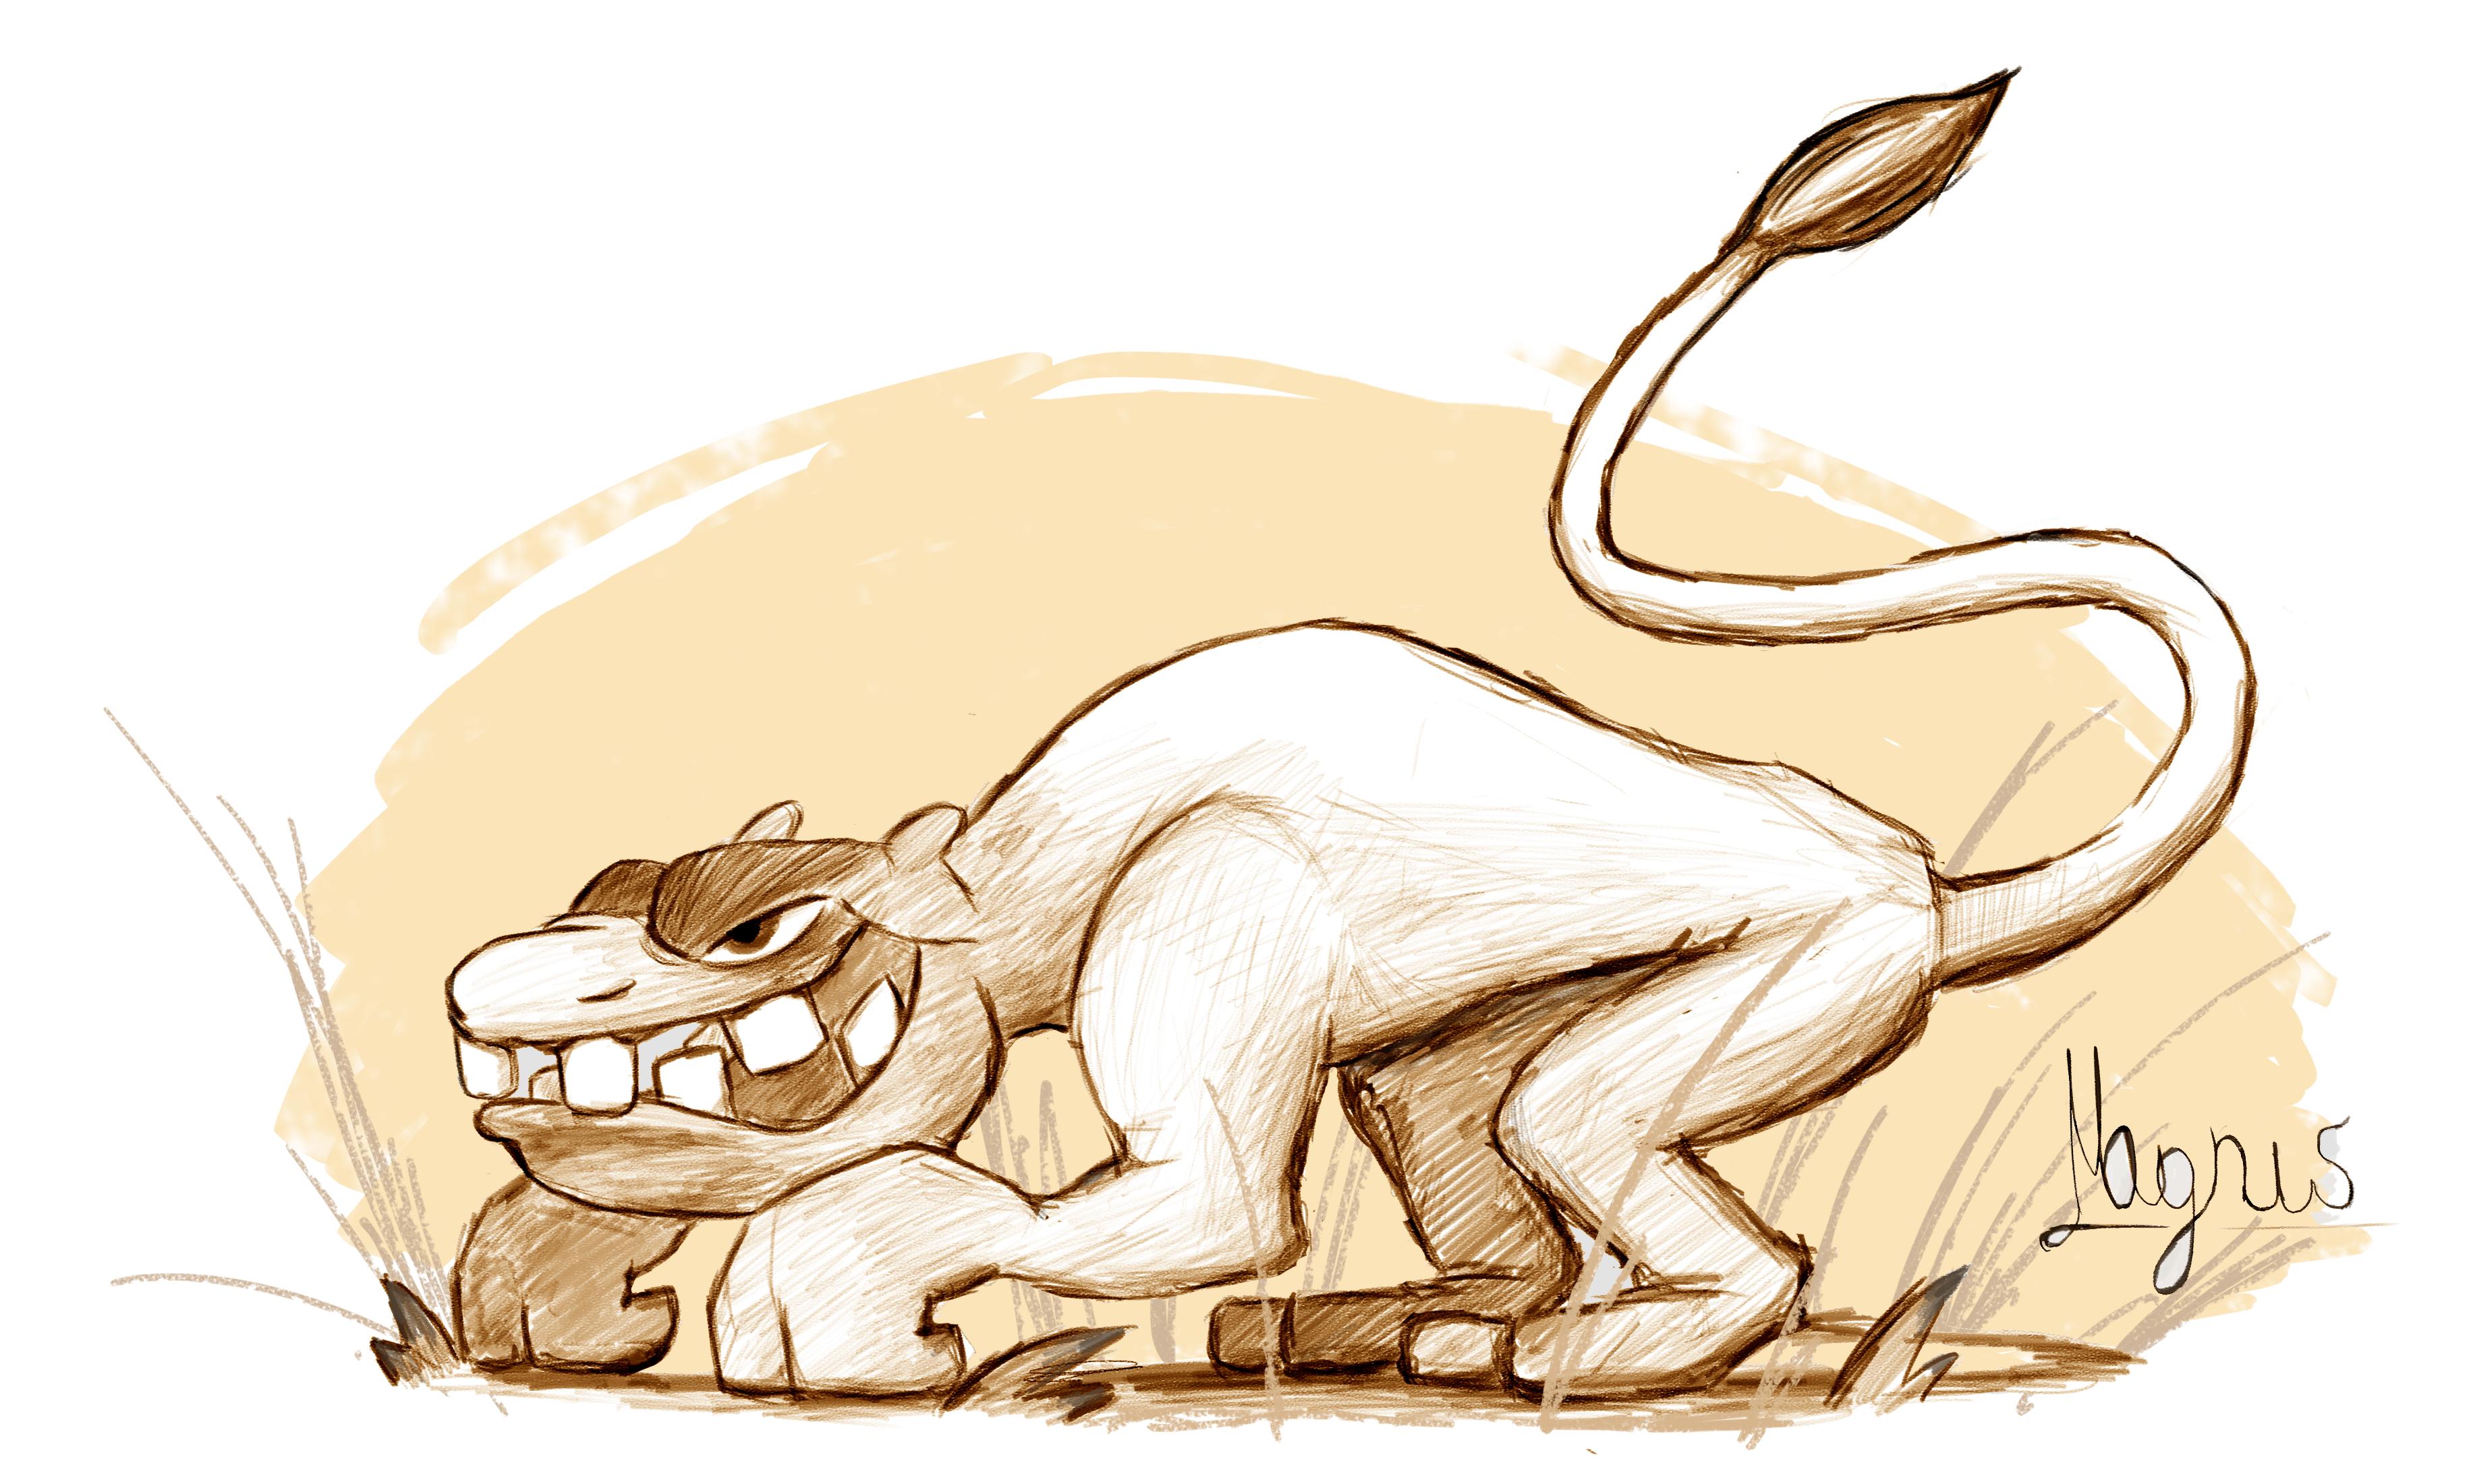 suspicious looking lion